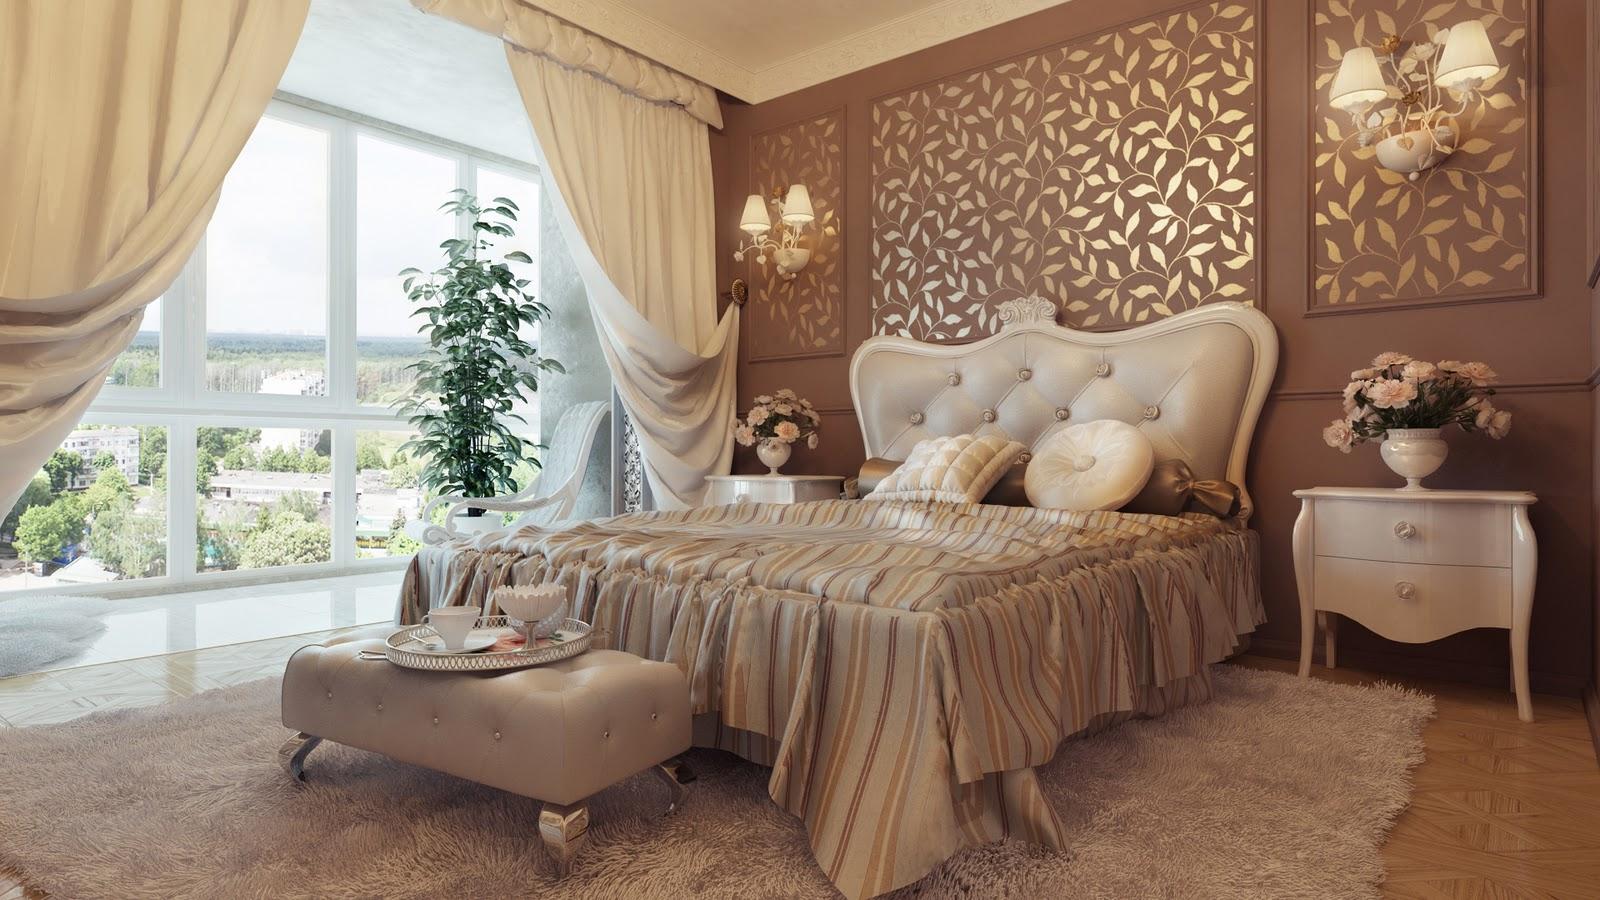 Desain Interior R Tidur Klasik Info Harga Bahan Bangunan